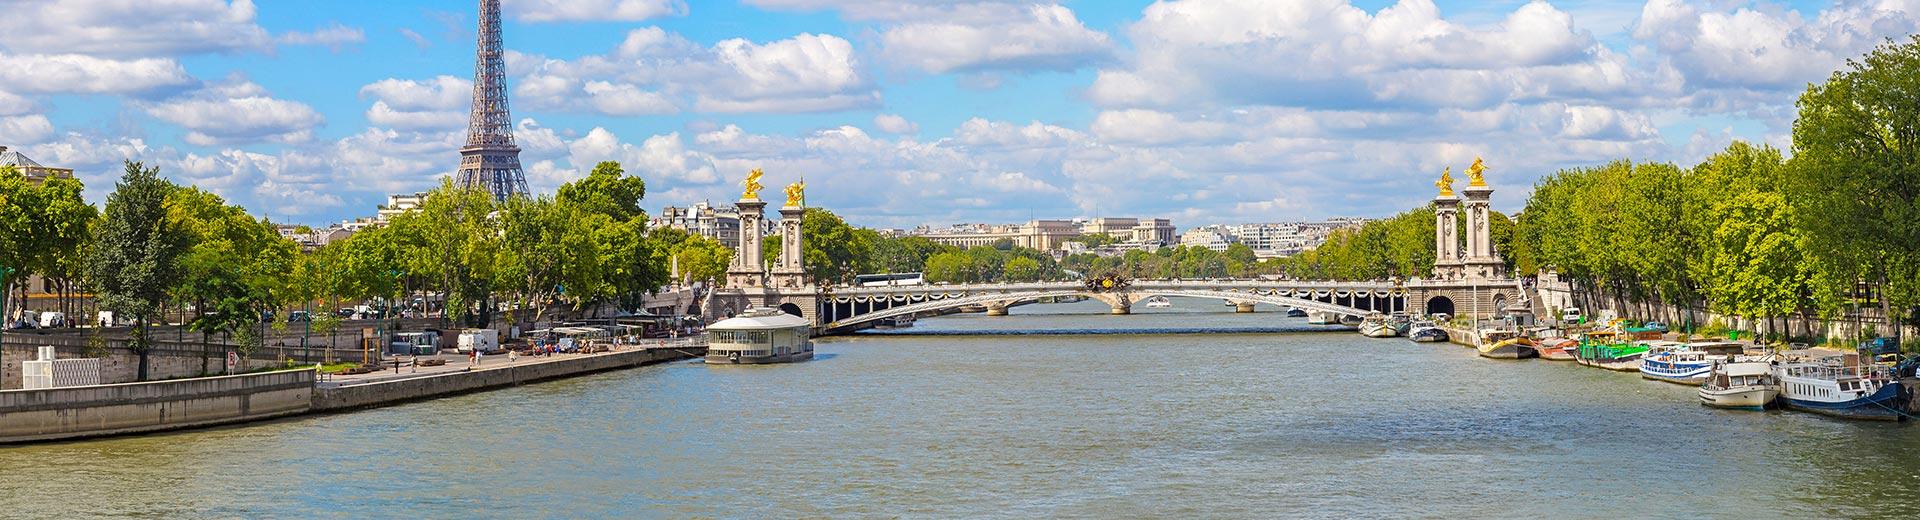 Voyages en groupe Paris - offre classique train